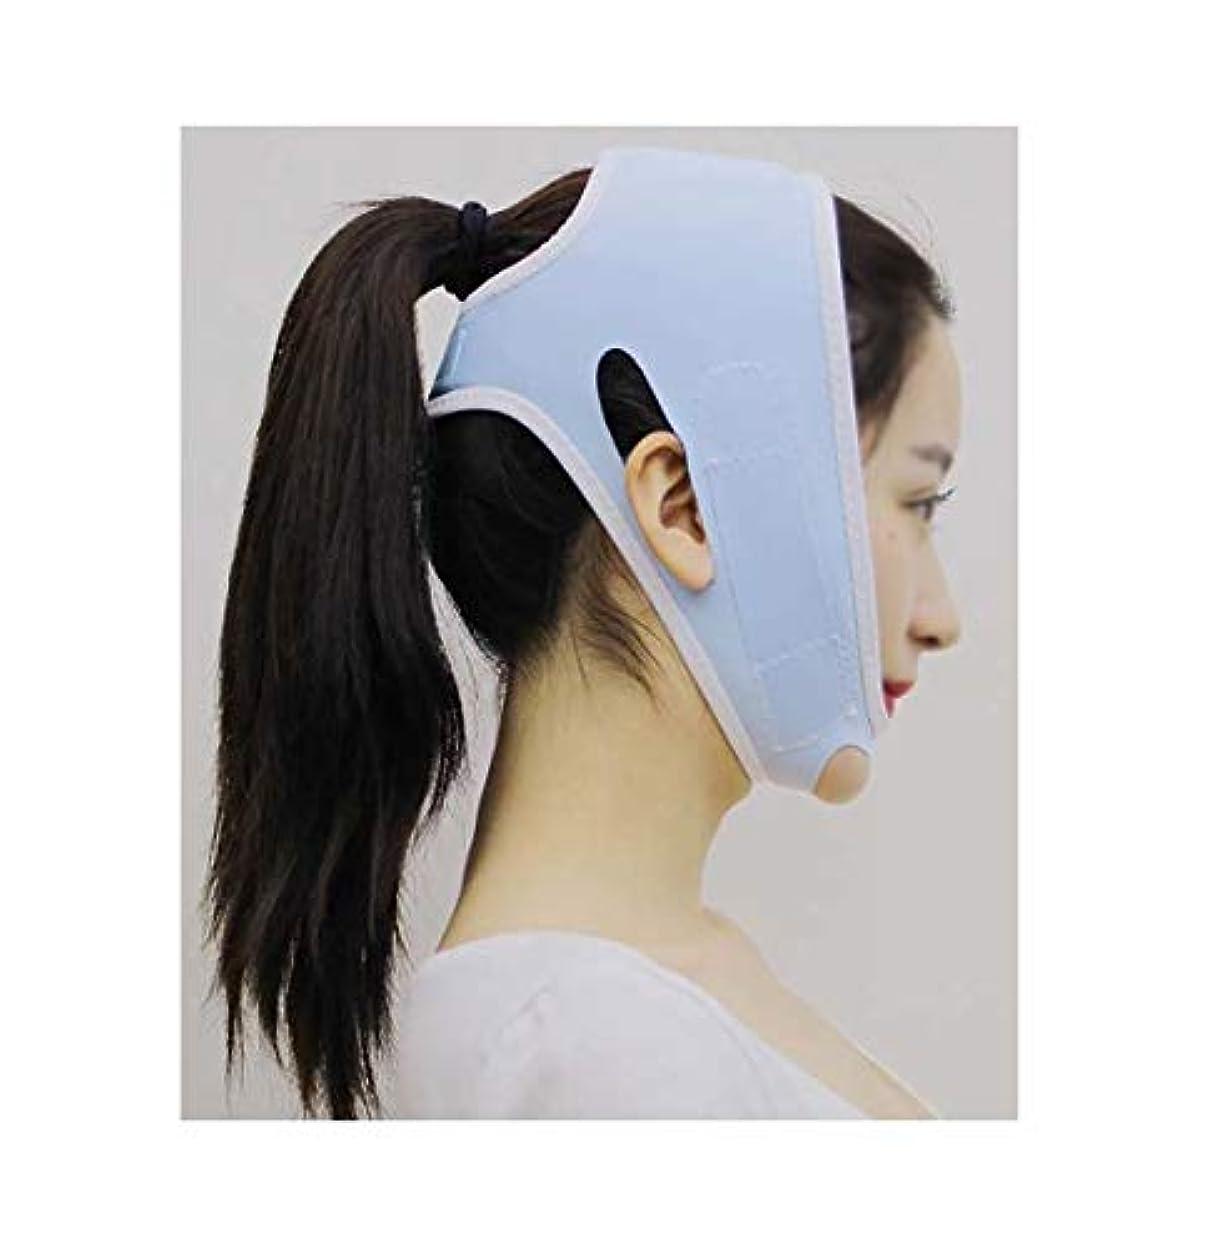 責任申込み典型的なTLMY 包帯ヘッドギアマスクの顔Vの顔の薄い顔のアーティファクトプラスチック美容ゴムバンドフェイスリフトネックリフト後薄い顔マスクあごベルトの回復 顔用整形マスク (Color : Blue)